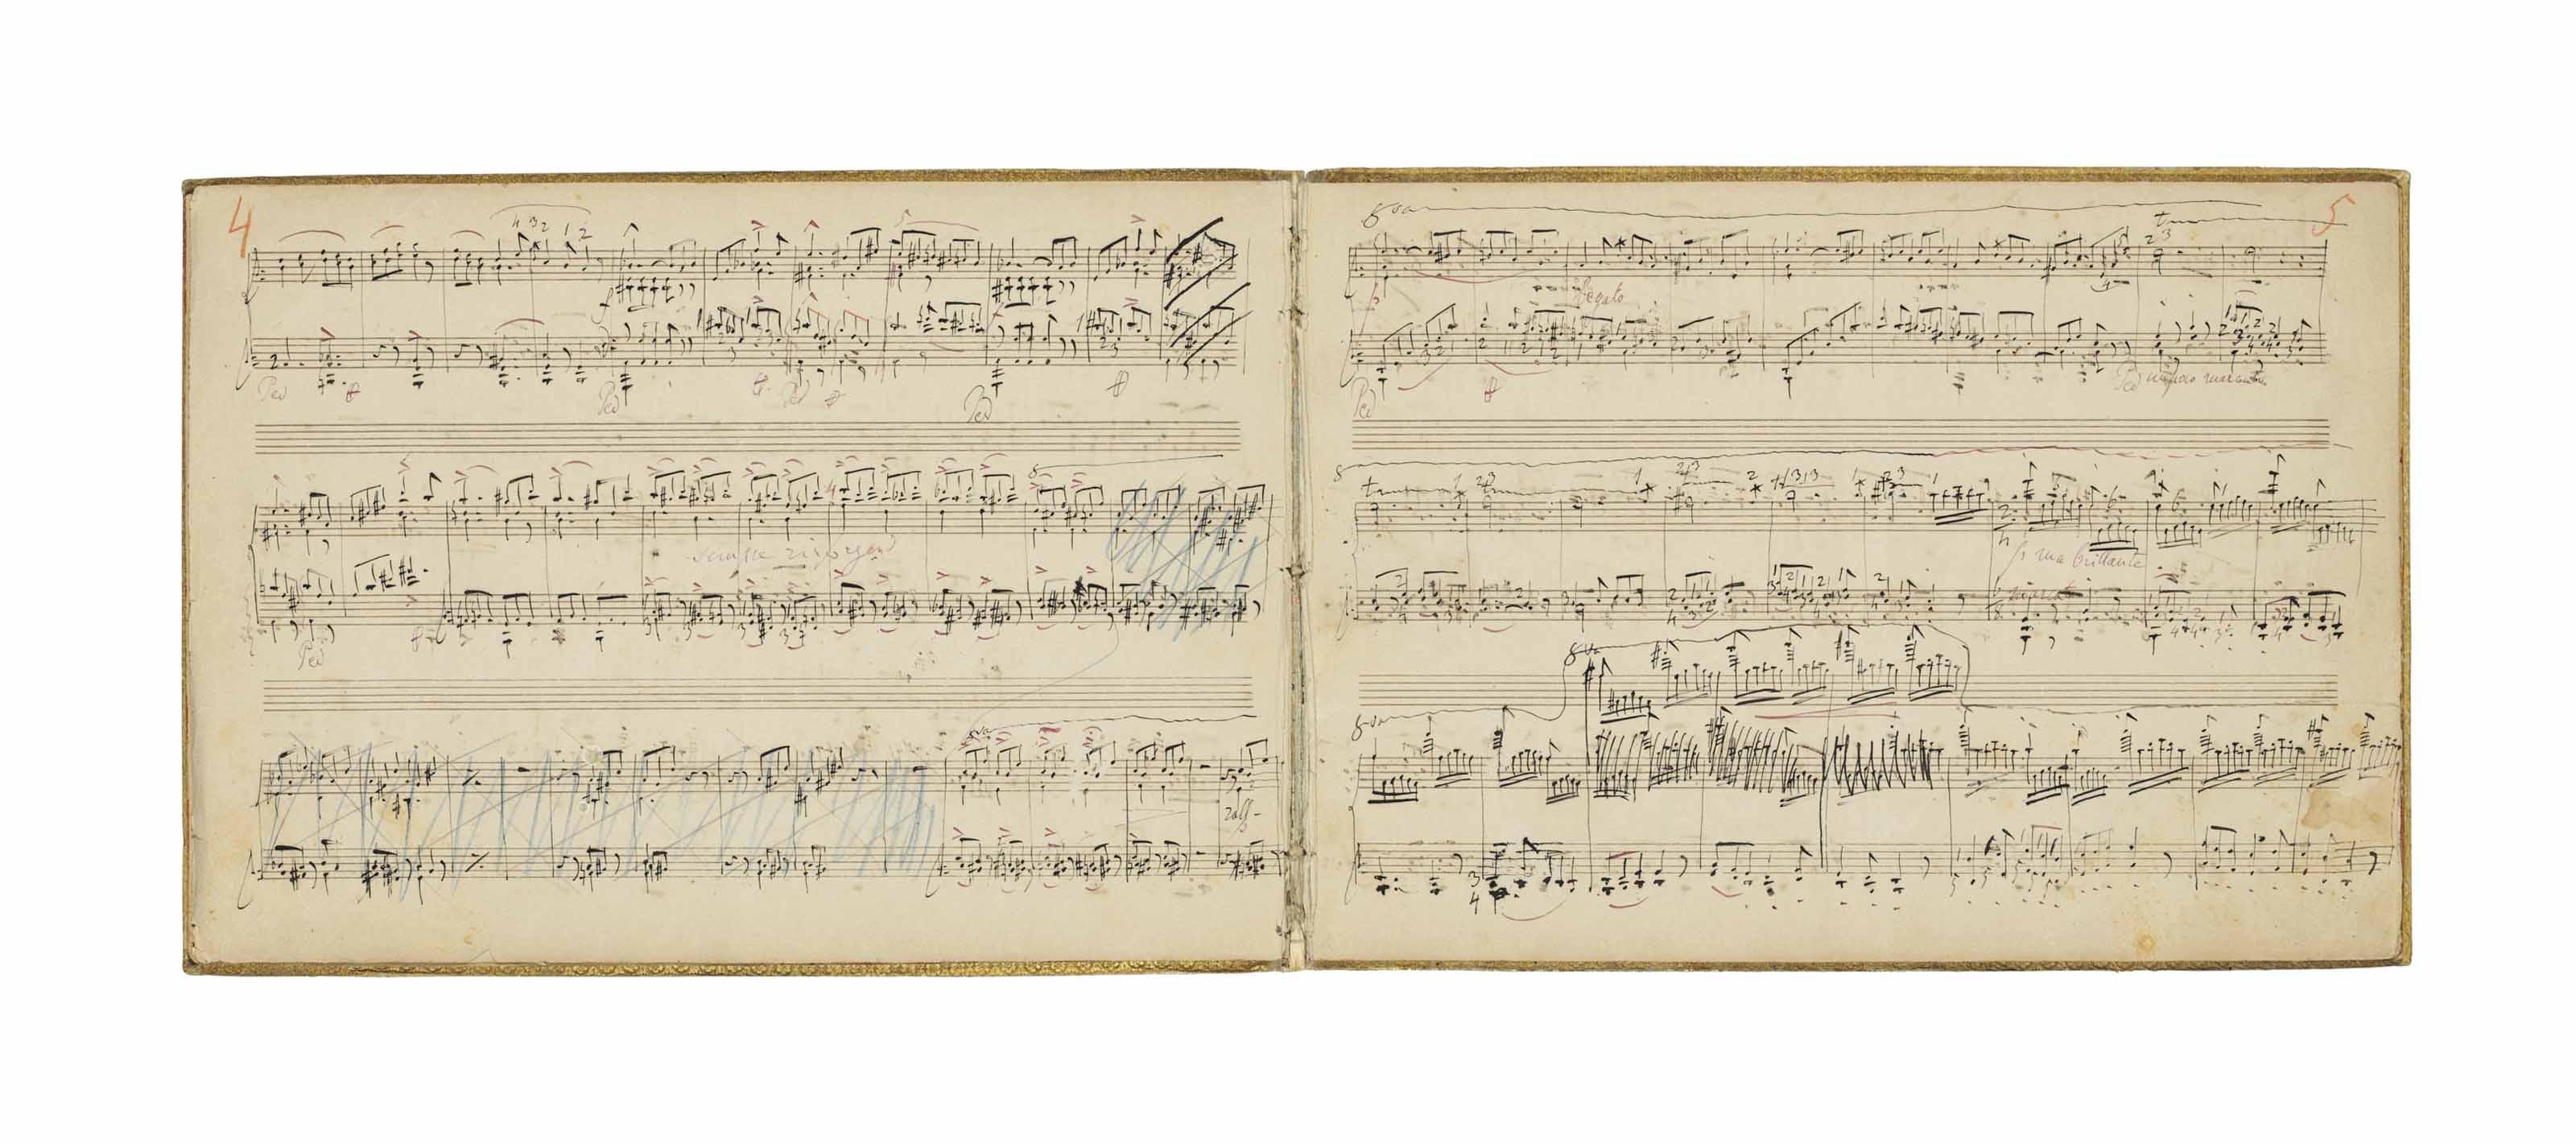 LISZT, Franz (1811-1886). Autograph music manuscript signed, 'Tarantella de Dargomiziki, transcrite et amplifée pour le Piano (à deux mains) par F. Liszt', in black ink, a number of passages erased and redrafted, dynamics, fingerings, tempos and other revisions in red ink and occasionally pencil, some markings (including pagination) in red and blue crayon, presumably by the printer, title (on an inserted leaf) and 12 pages, oblong folio (221 x 311mm), a lengthy autograph note signed on the last page for insertion in the first edition, 'NB à imprimer soit avant, soit sur la première page de ce morceau: / NB: La version originale de cette Tarantelle de Dargomiziki est écrite pour trois mains. L'une d'elles n'a d'autre emploi que de marquer perpétuellement, en tic-tac les deux notes …. sans interruption ni changement quelconque. Dans la transcription suivante, cette basse obstinée n'est pas accusée ostensiblement à chaque mesure, mais elle se trouve toujours sous entendue, m